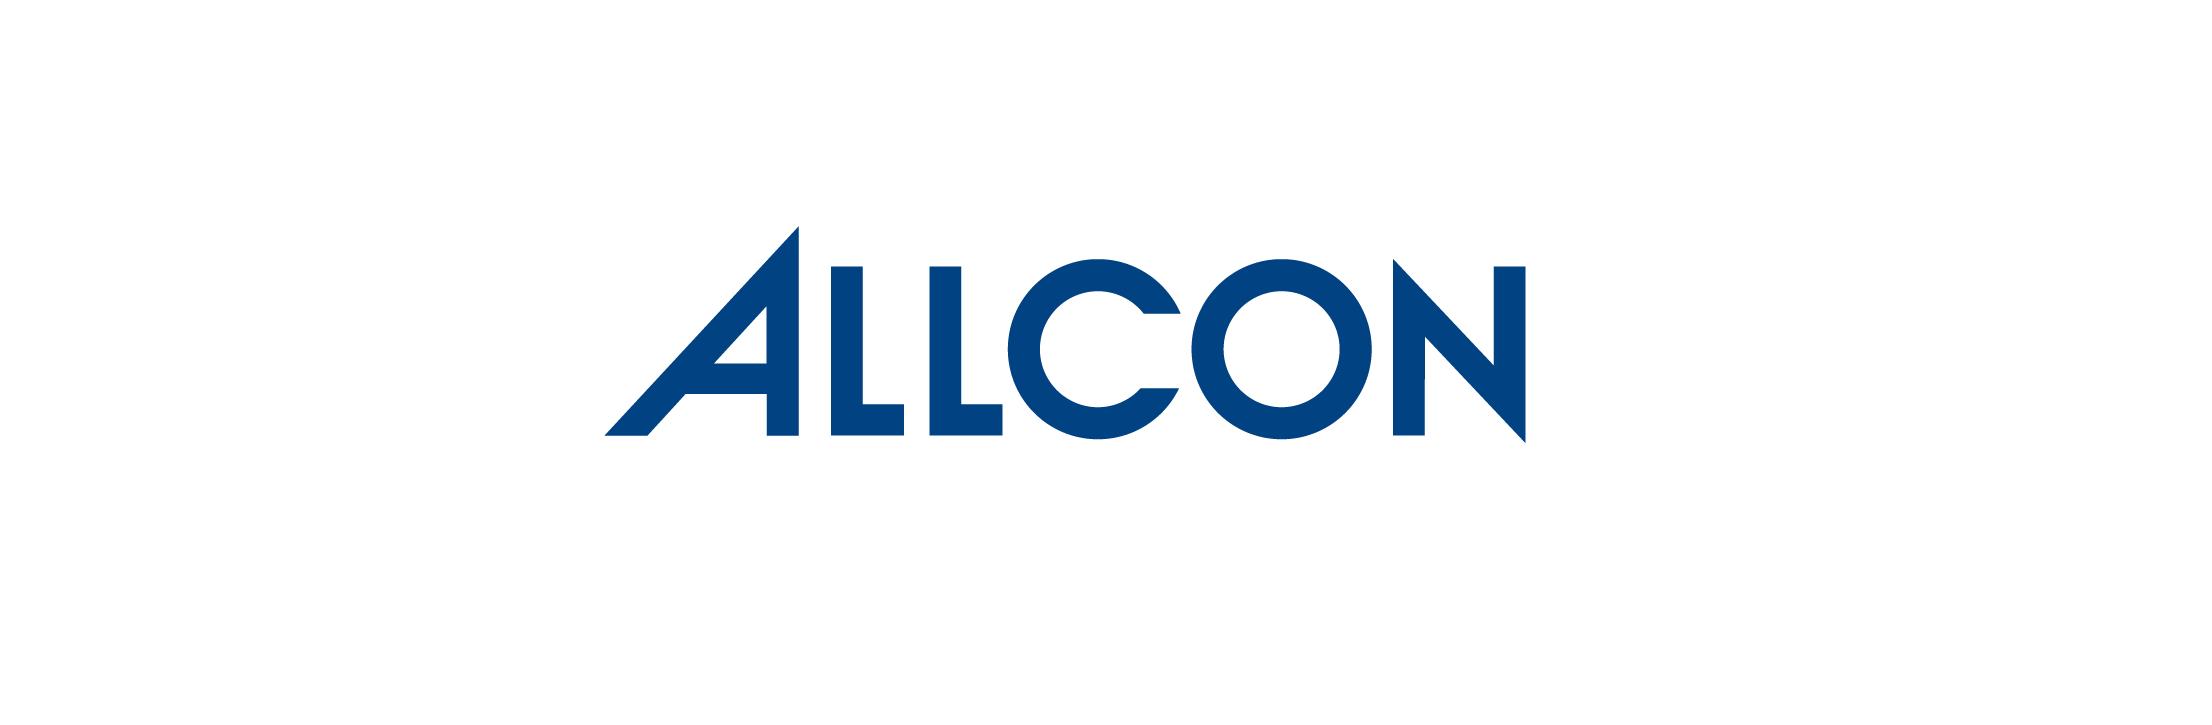 Allcon logo - współpraca maj.marketing